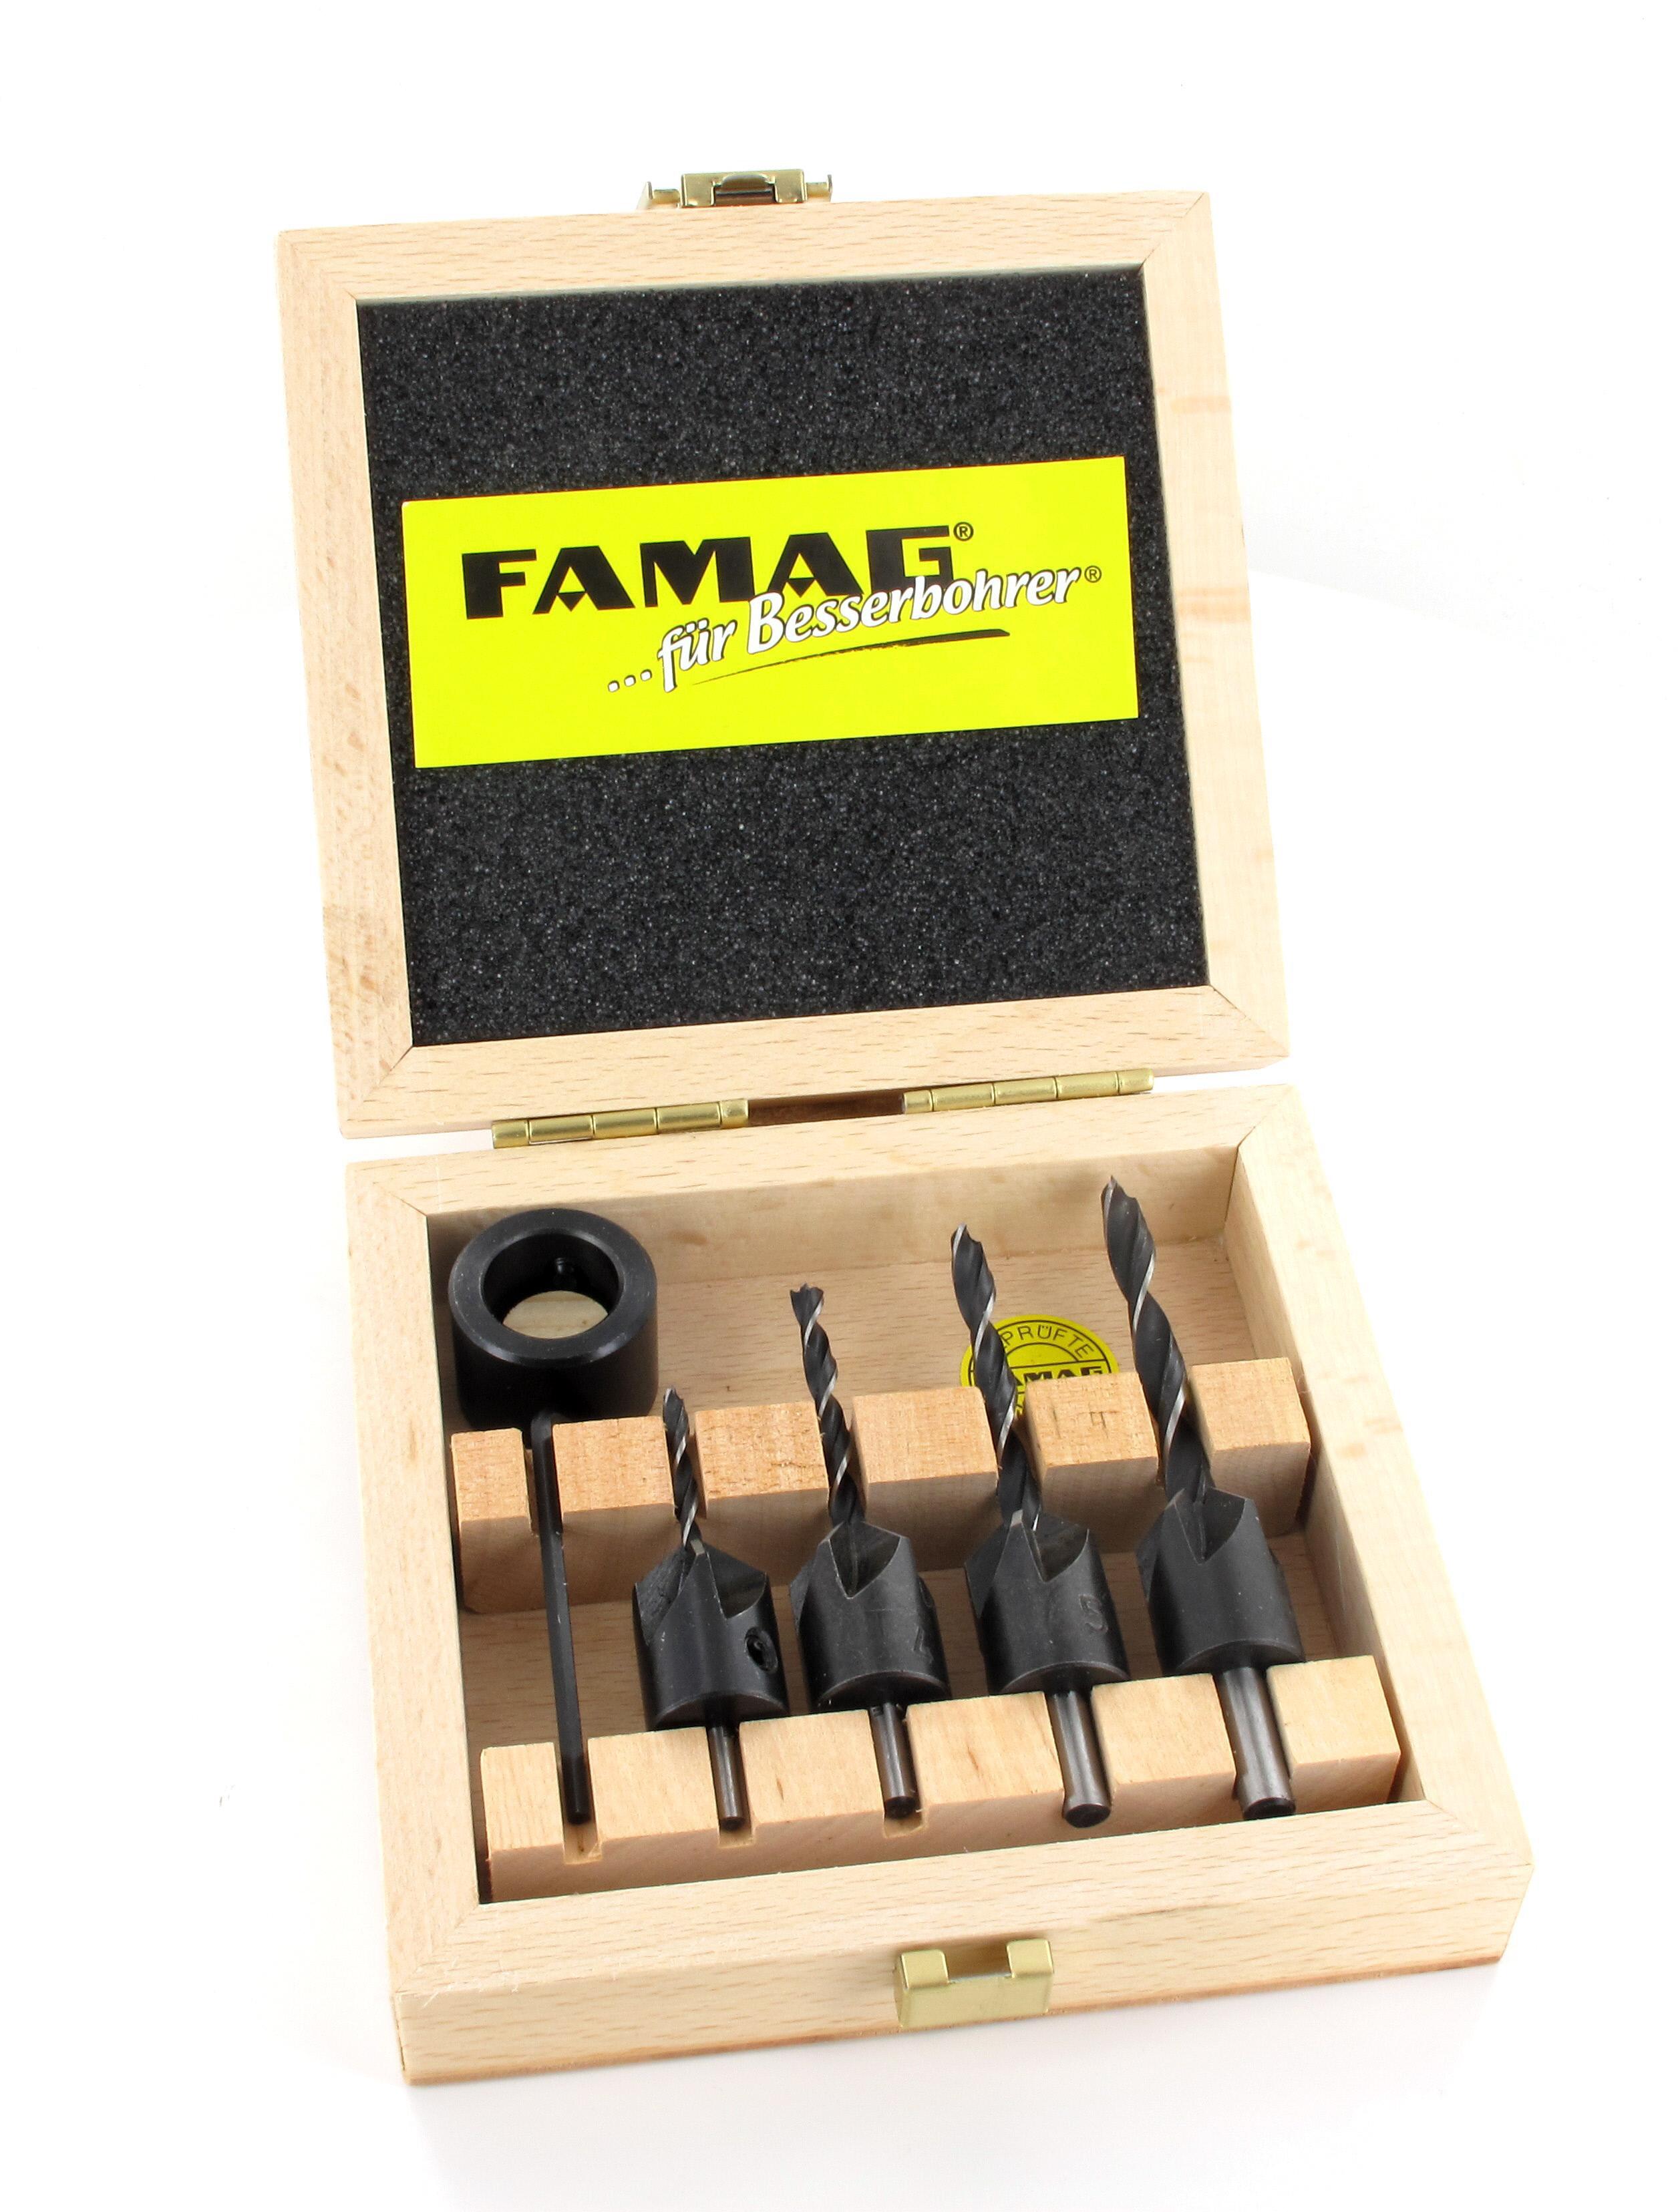 amw store famag aufstecksenker satz 3 6 mm profiset holzspiralbohrer senker holz. Black Bedroom Furniture Sets. Home Design Ideas